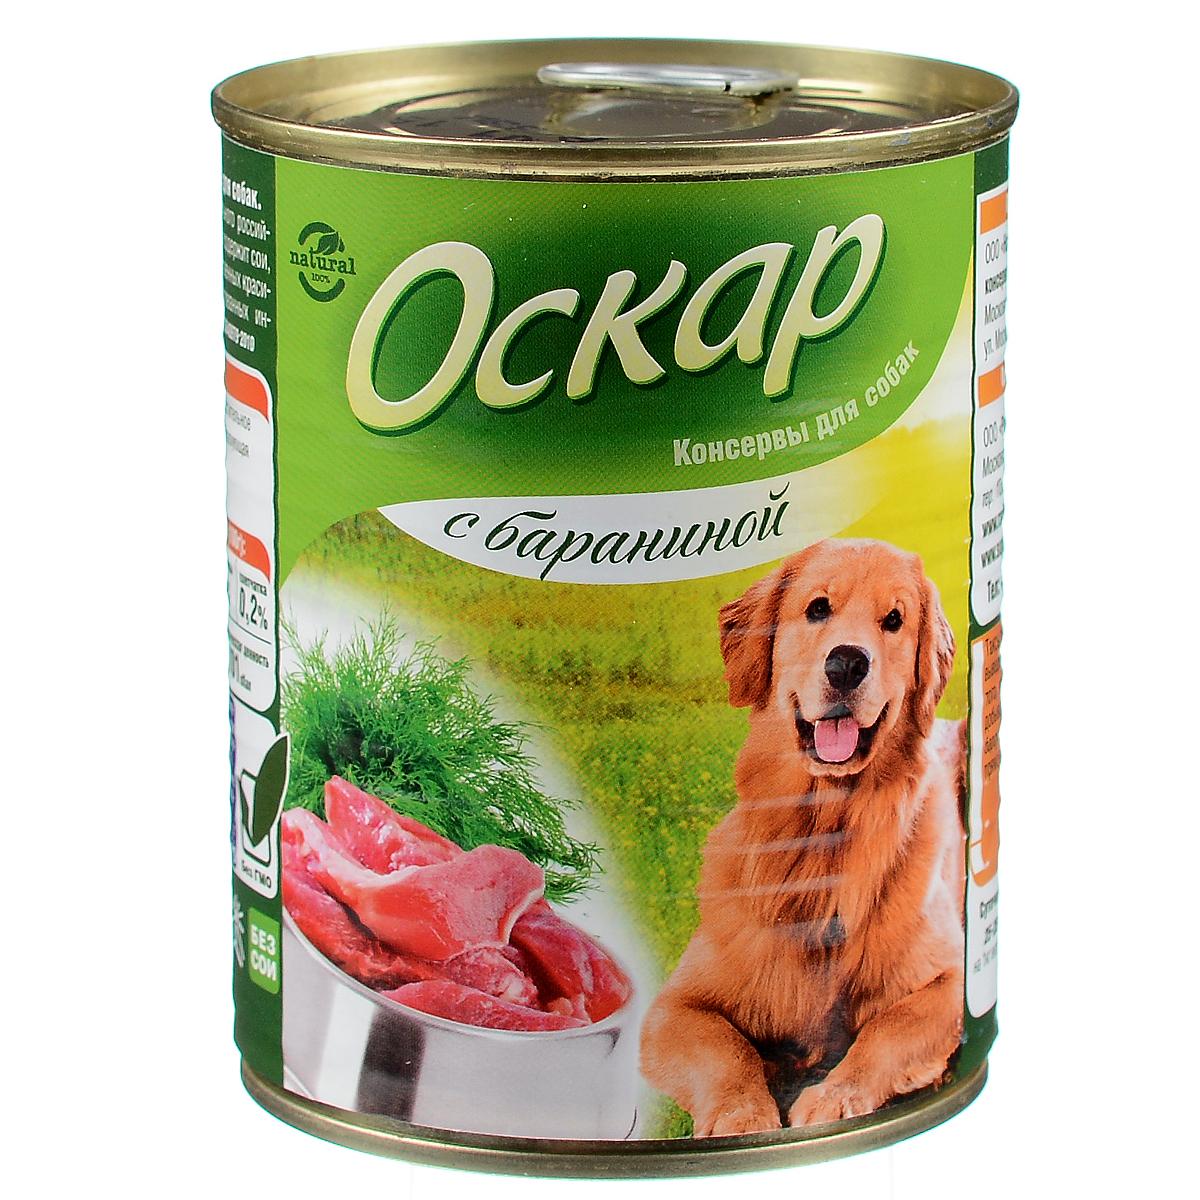 Консервы для собак Оскар, с бараниной, 350 г59361Консервы для собак Оскар изготовлены из натурального российского мясного сырья. Не содержат сои, ароматизаторов, искусственных красителей, ГМО. Состав: баранина, субпродукты, растительное масло, натуральная желеобразующая добавка, соль, вода. Пищевая ценность (100 г): протеин 10%, жир 5%, углеводы 4%, клетчатка 0,2%, зола 2%, влага 75%. Энергетическая ценность (на 100 г): 101 кКал. Товар сертифицирован.